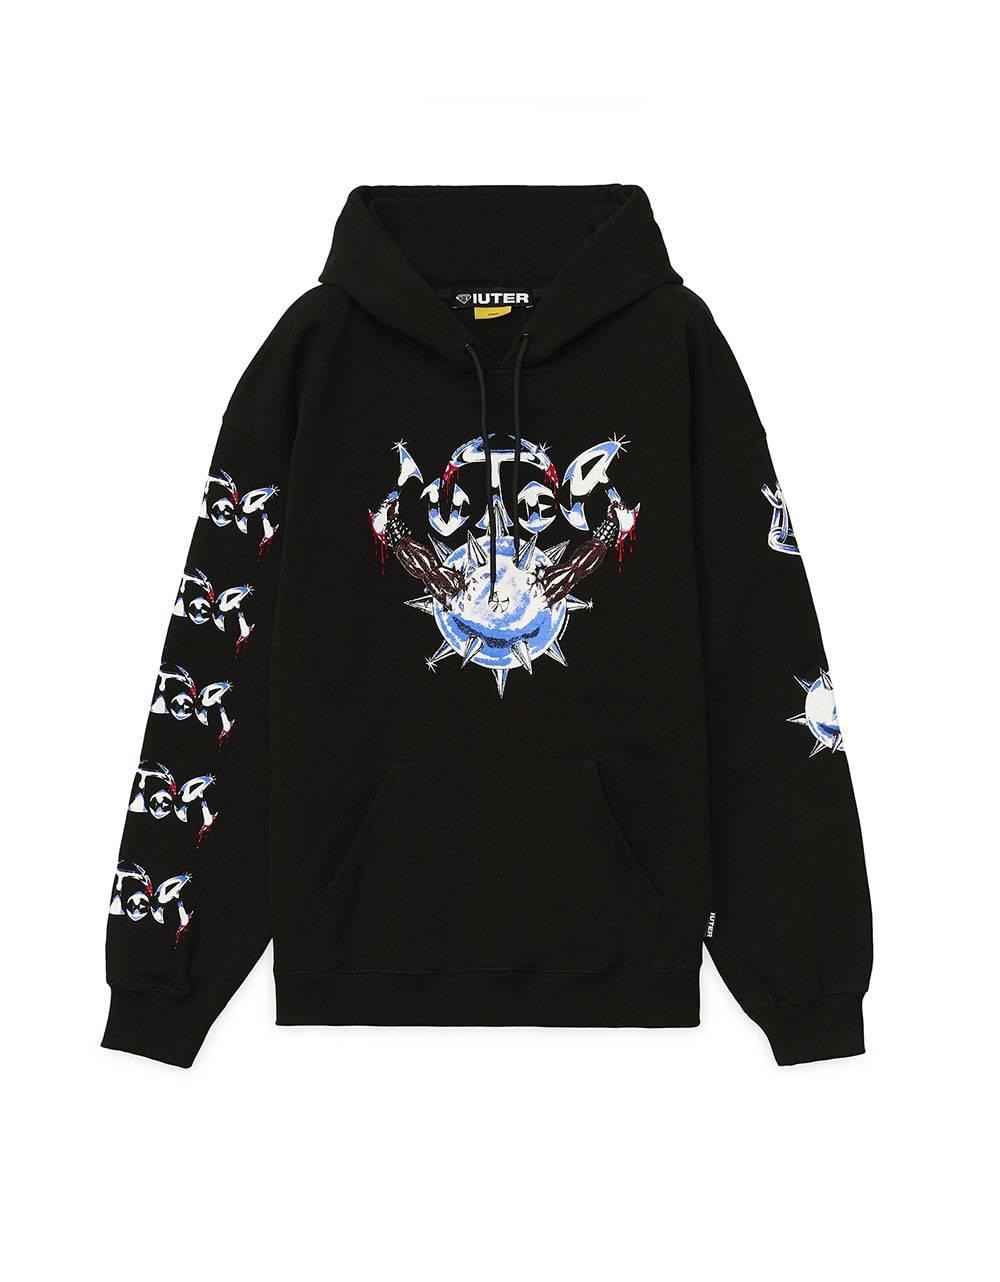 Iuter Steel Hoodie - Black IUTER Sweater 112,00€